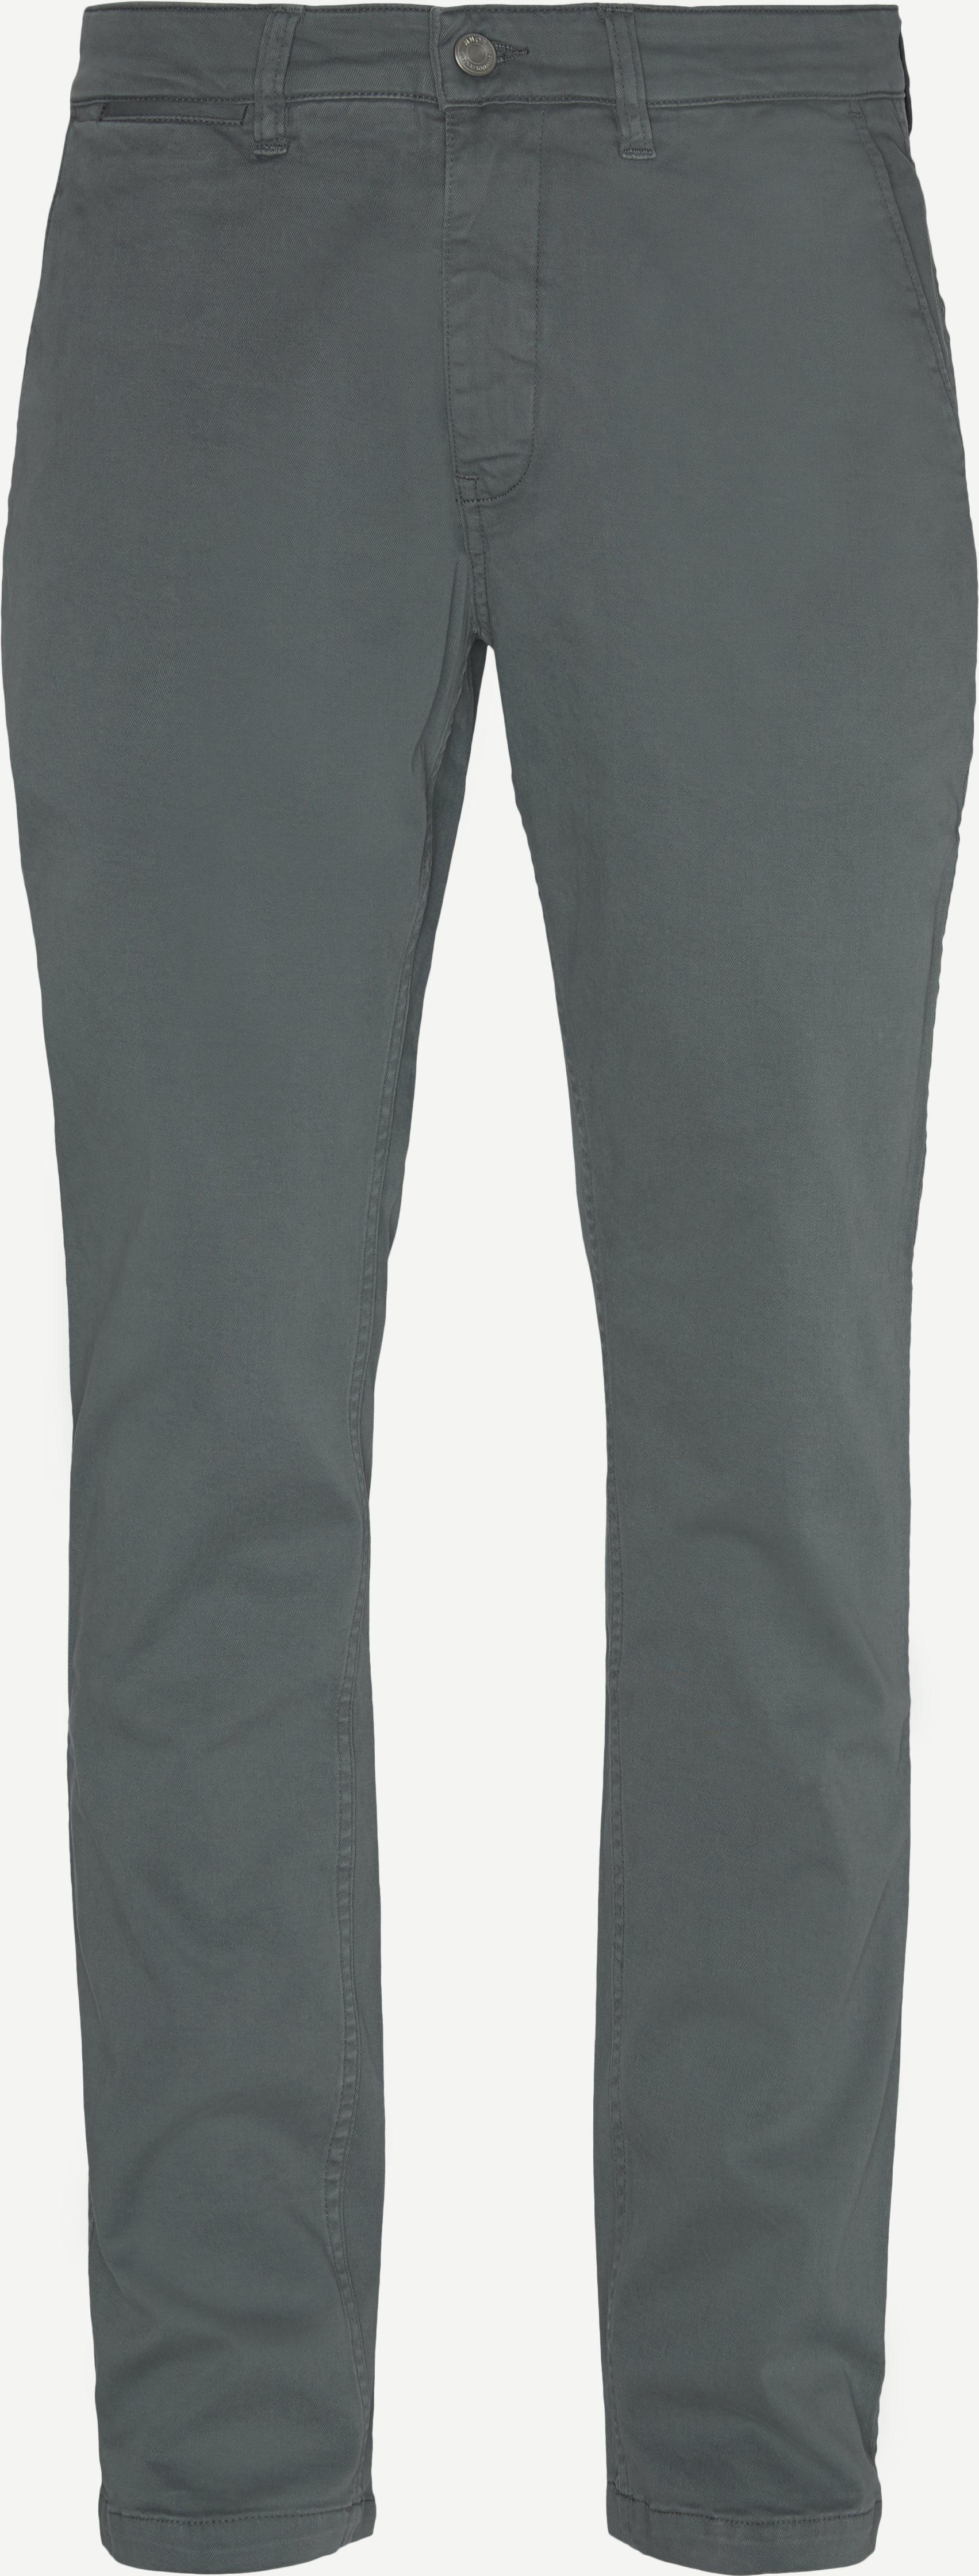 Byxor - Slim fit - Grön